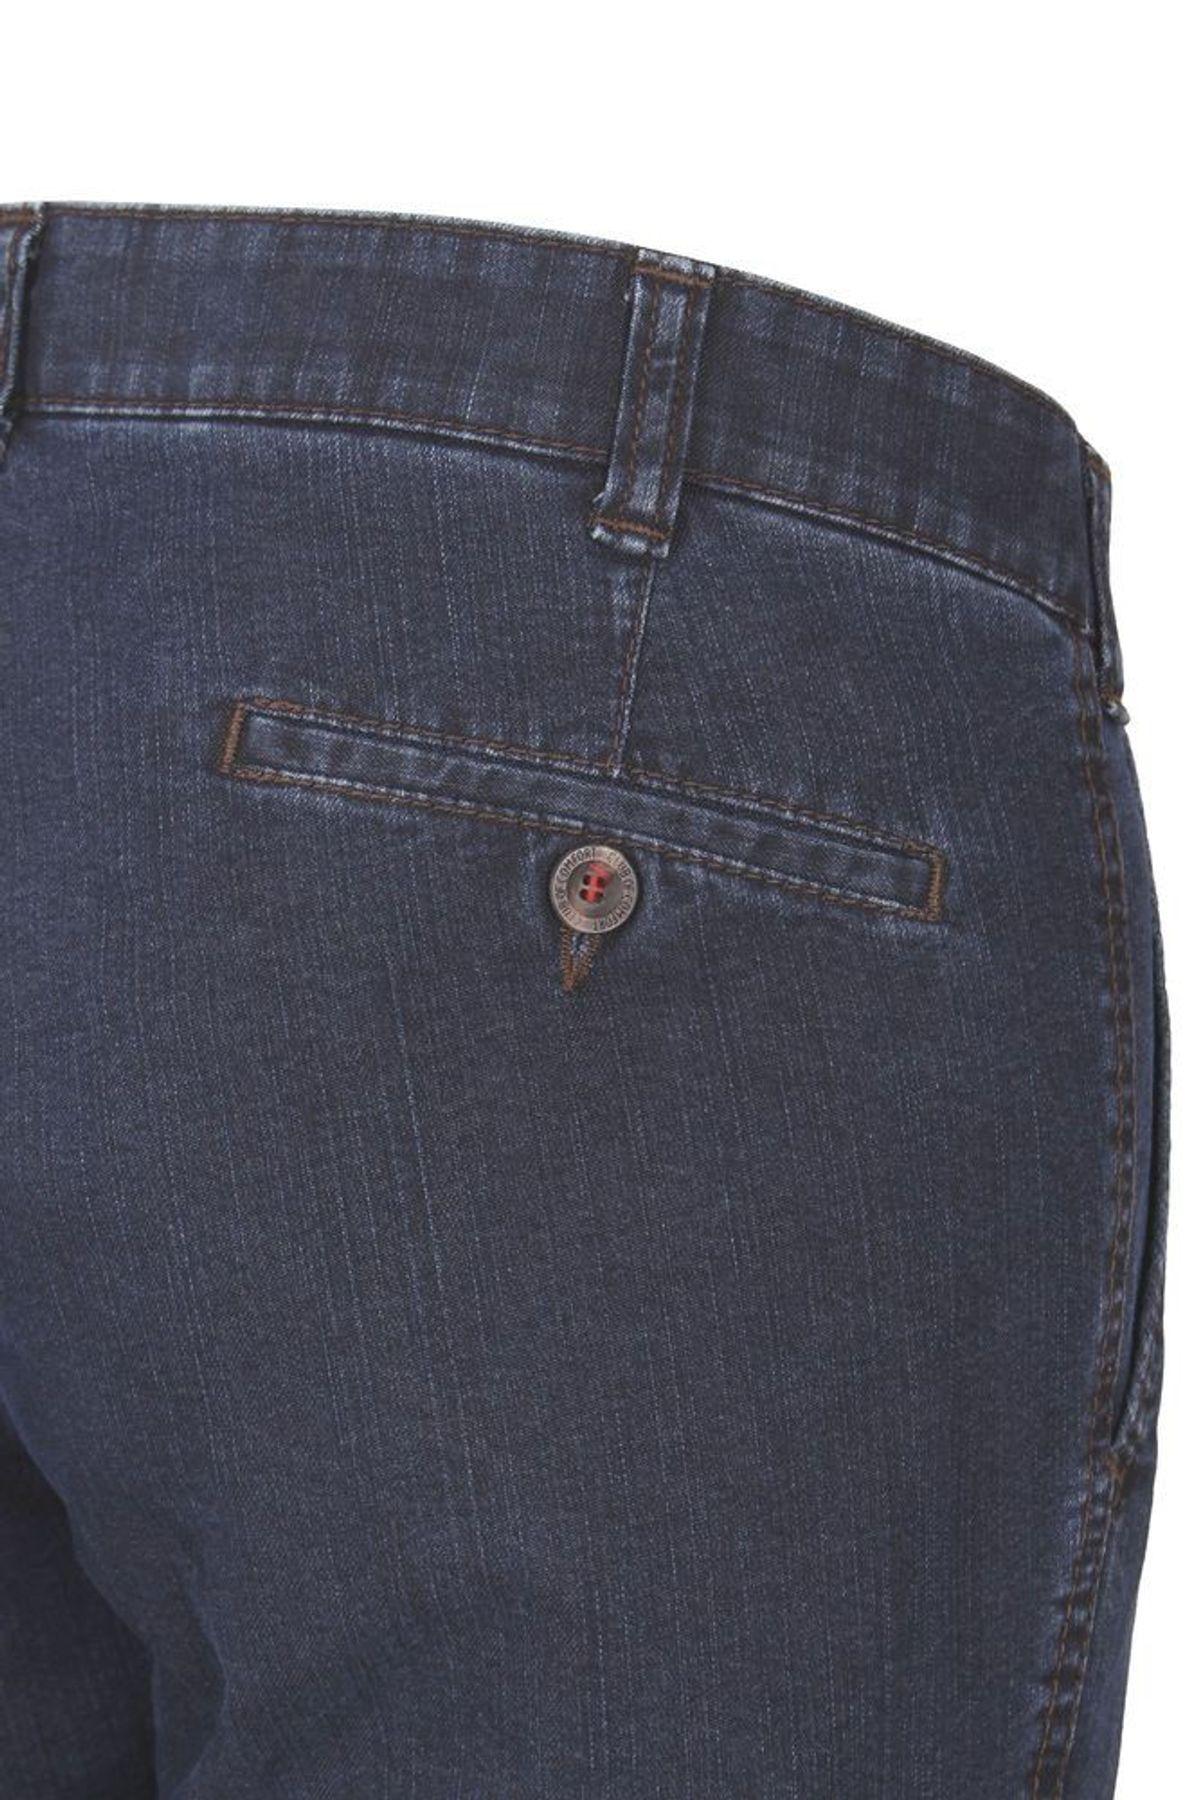 Club of Comfort - Herren Jeans Hose in verschiedenen Farbvarianten, Dallas (4631) – Bild 12